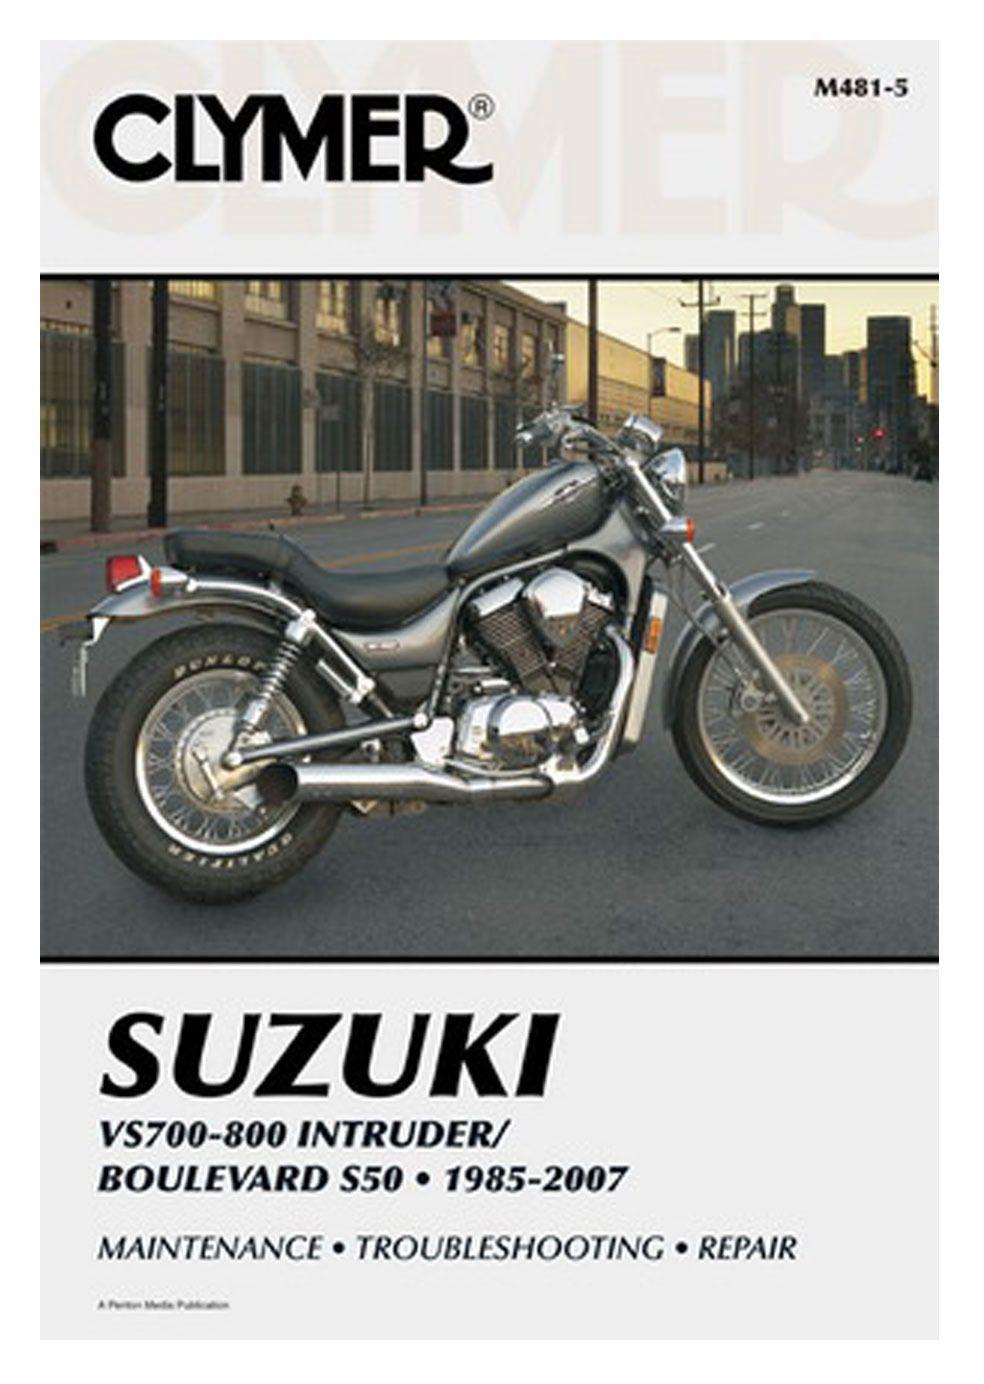 Clymer Manual Suzuki VS700 / VS750 / VS800 / Boulevard S50 | 10% ($3.70)  Off! - RevZilla